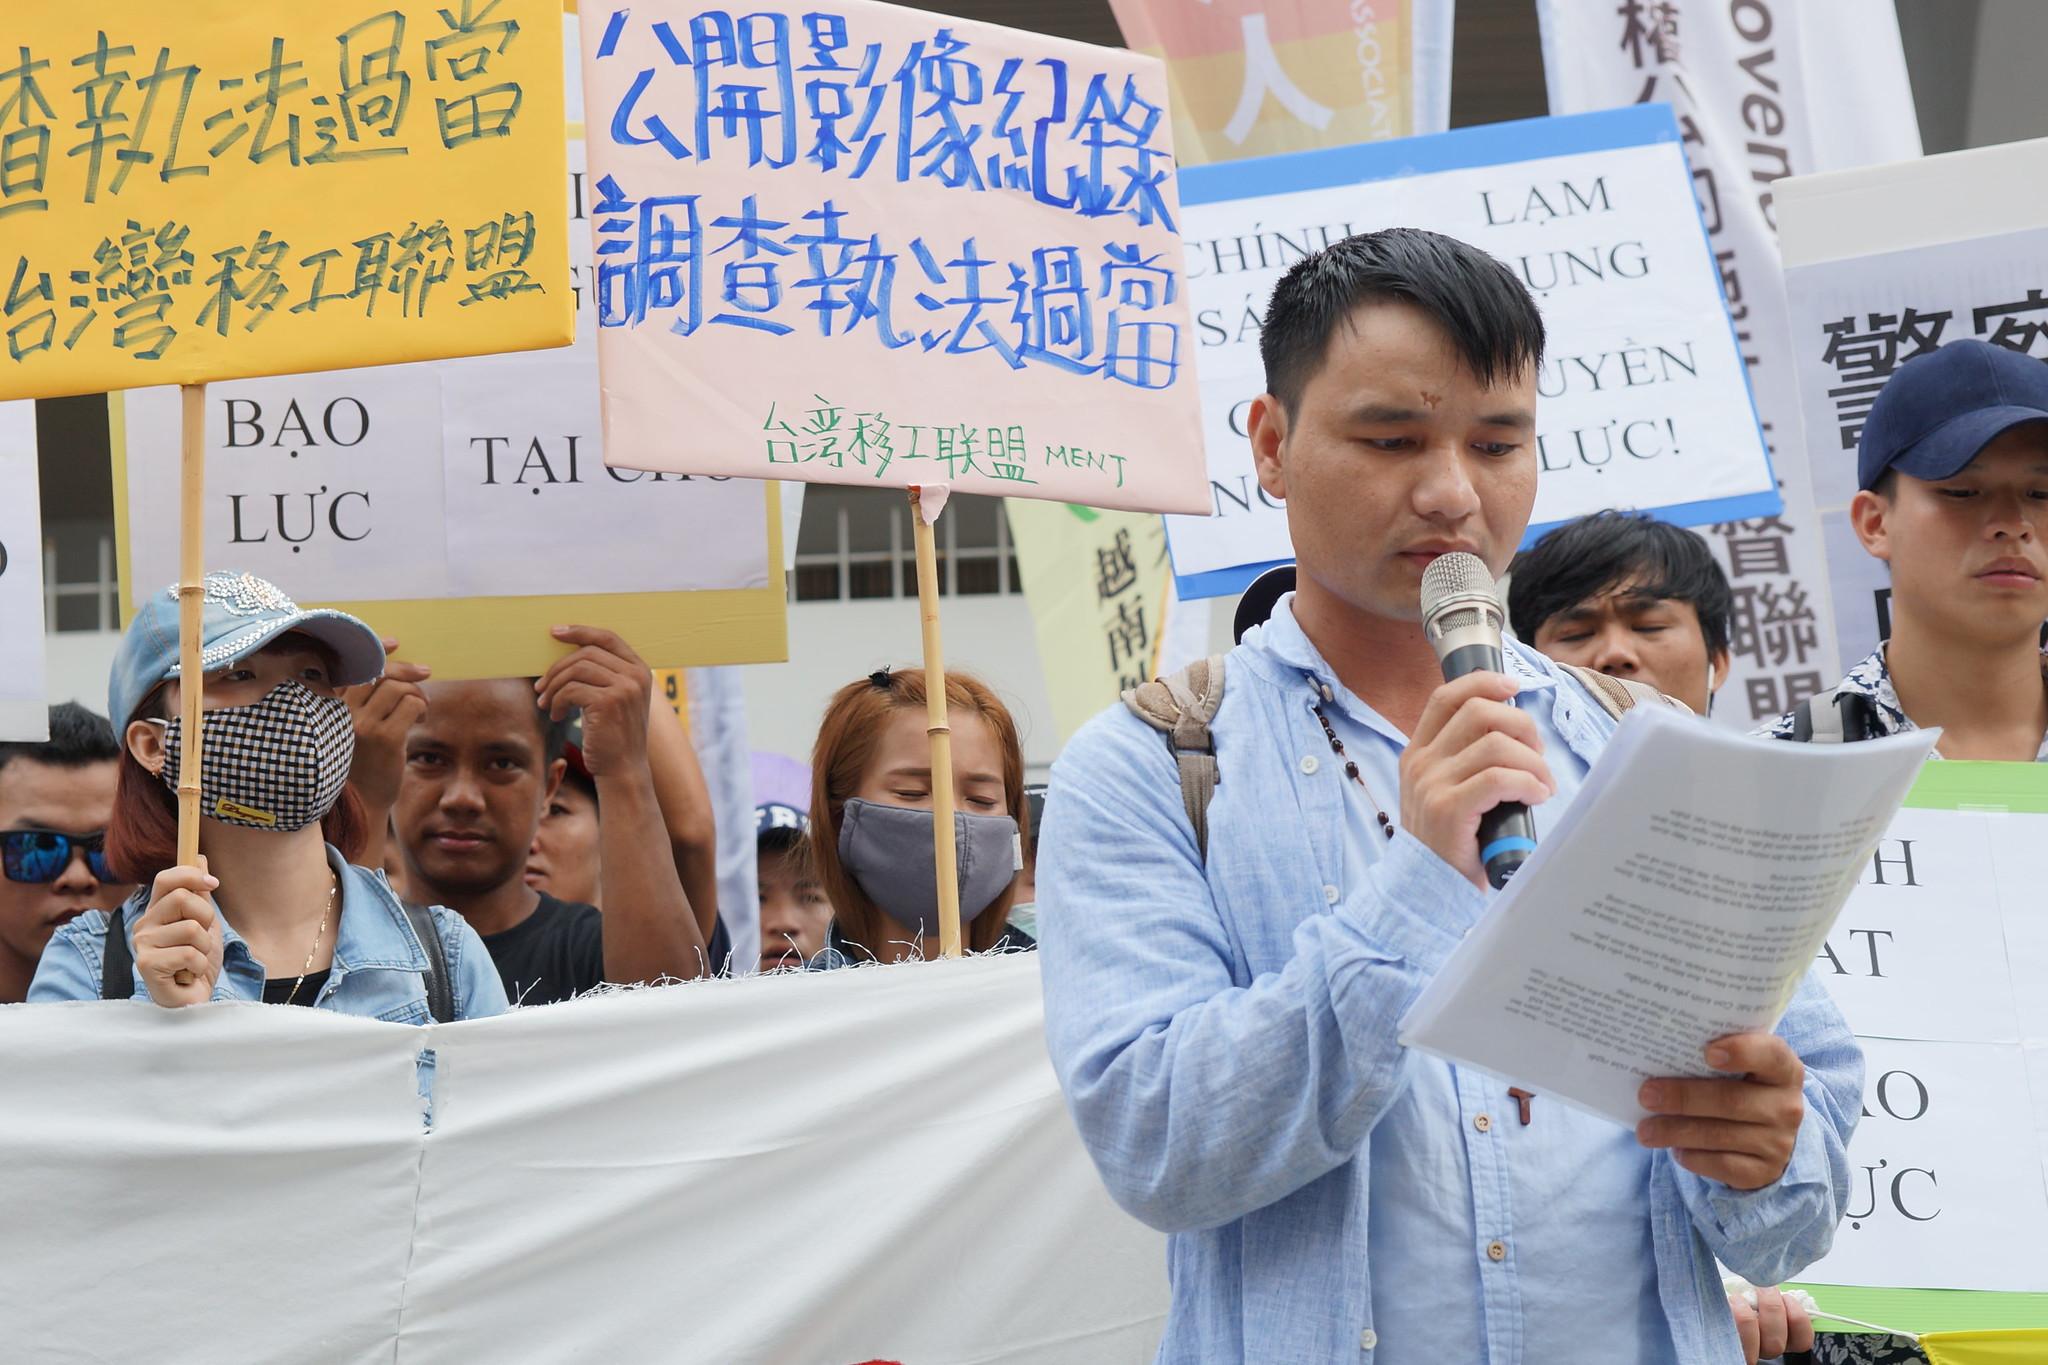 越南籍移工阮越高表示,移工只是到台灣來工作,不是異類,希望在台灣能得到平等尊重。(攝影:王顥中)